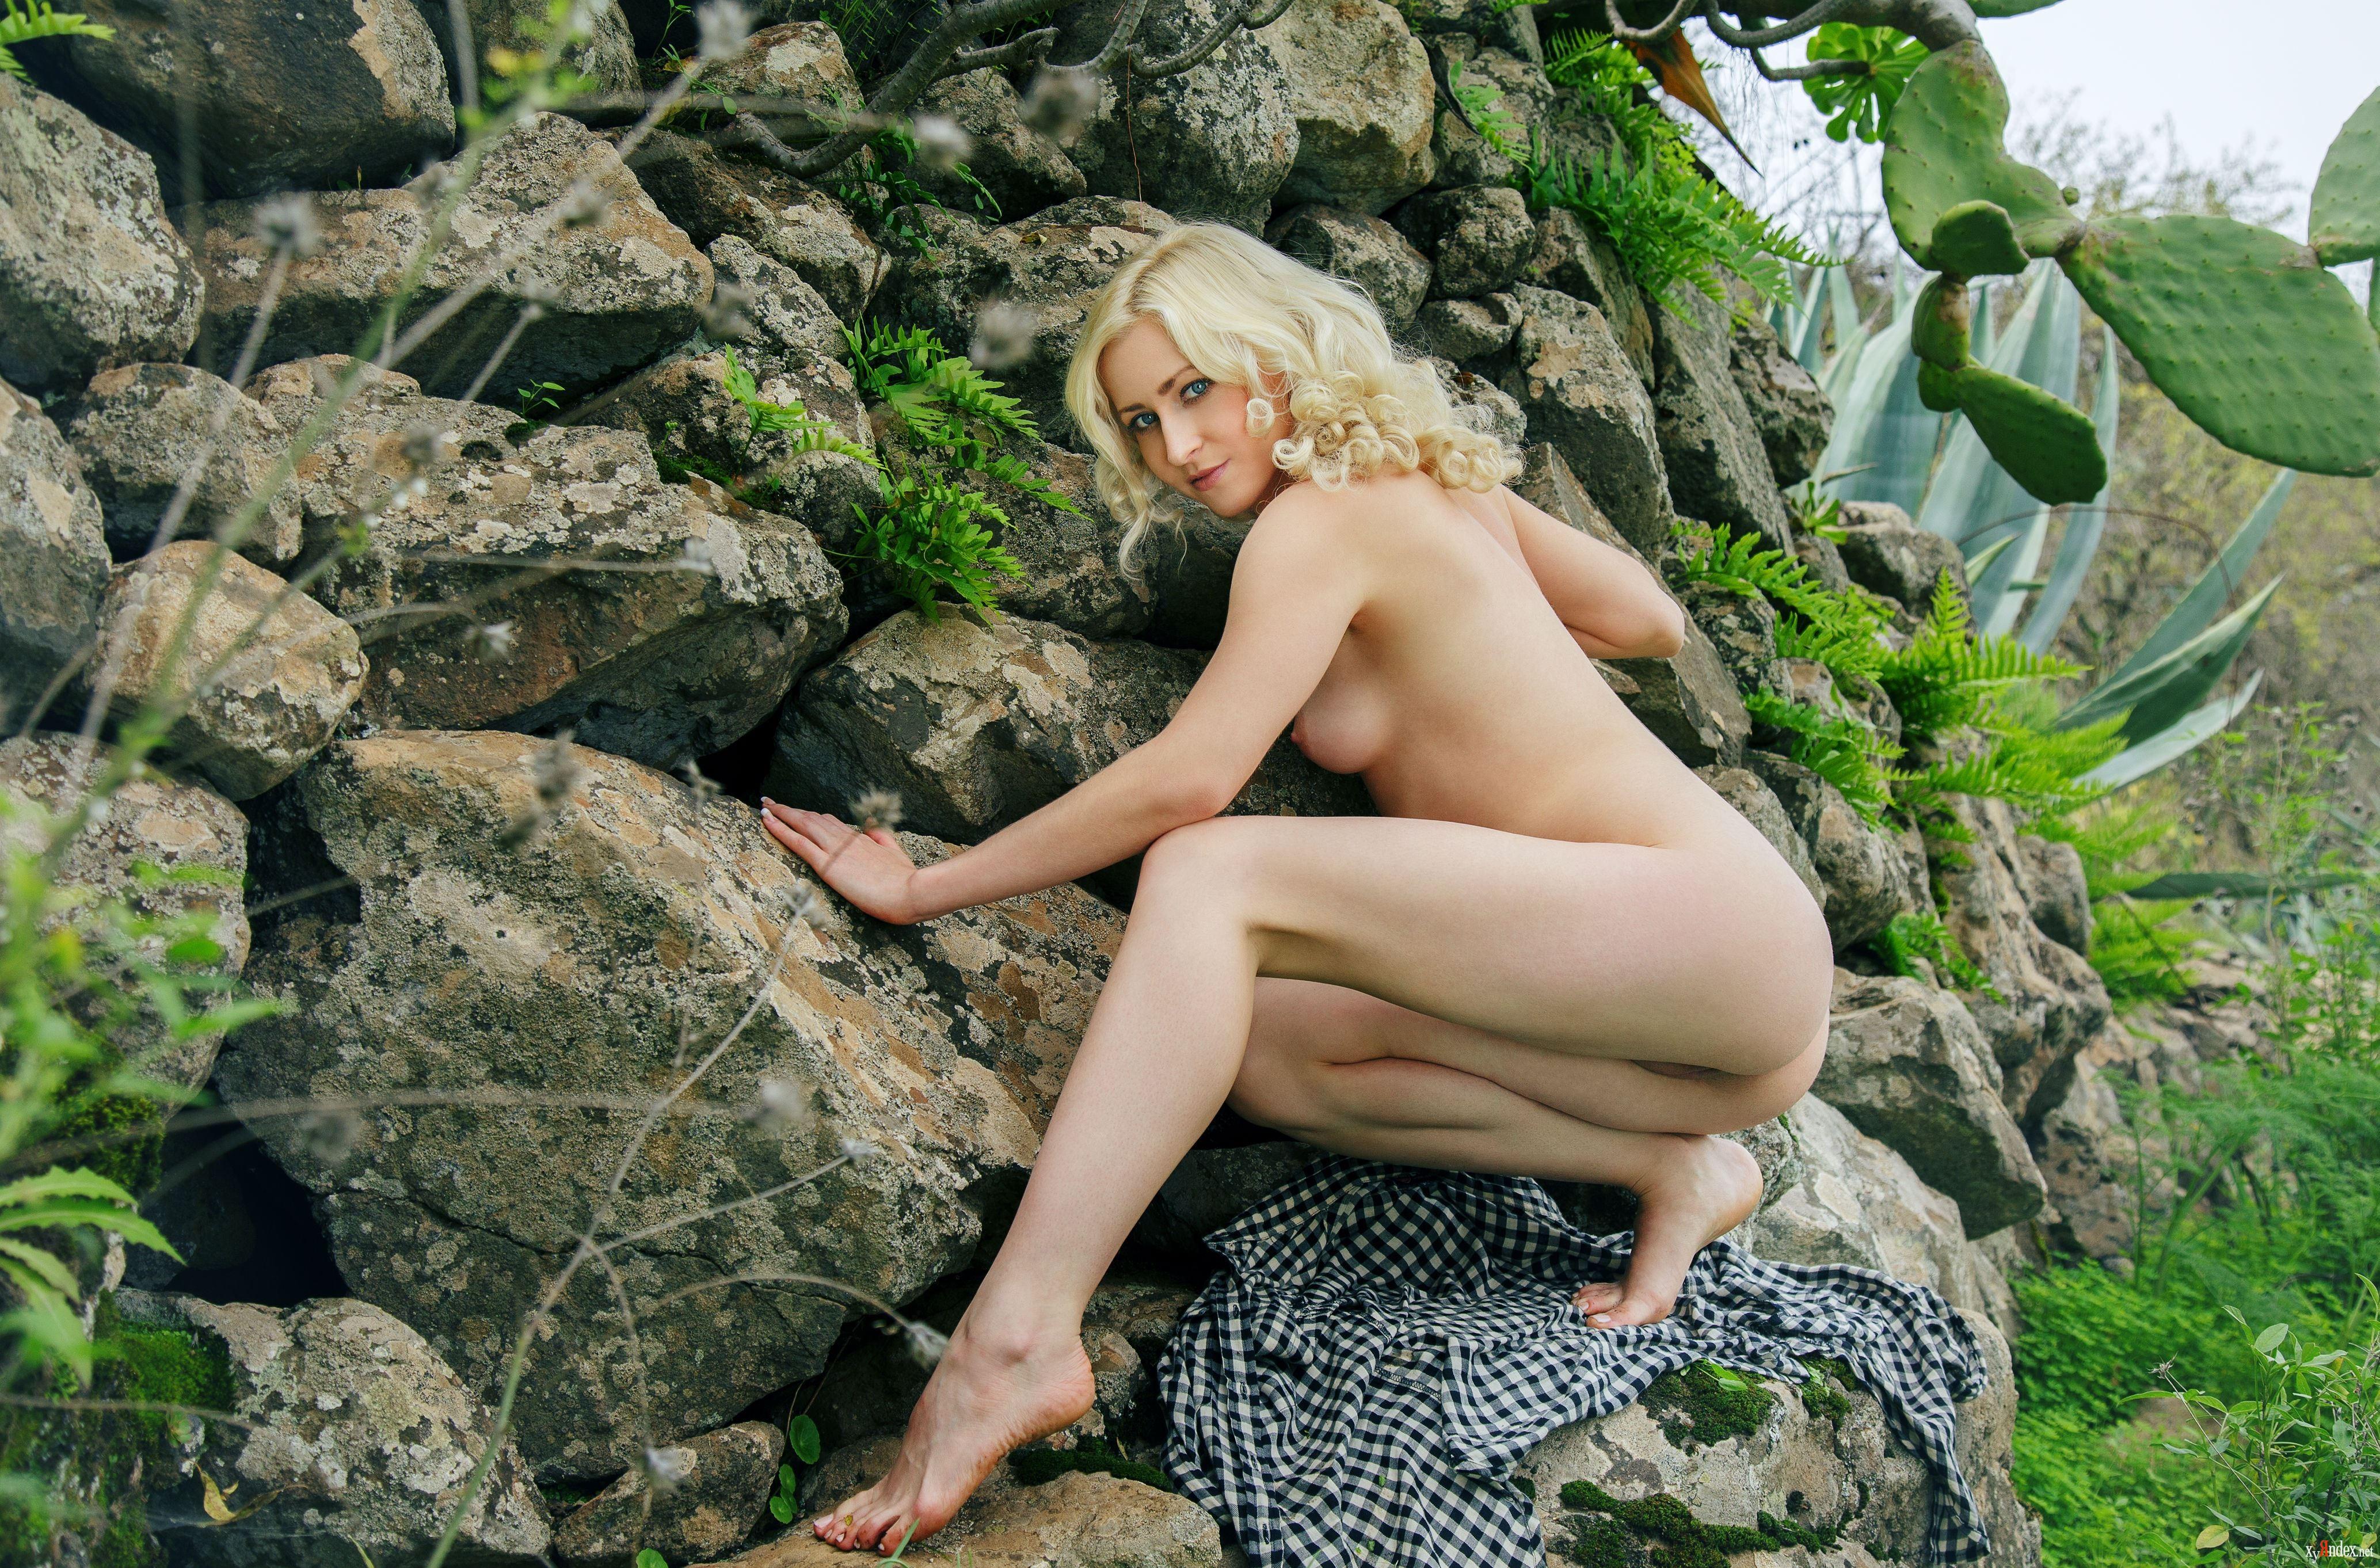 Janelle nude perzina photo